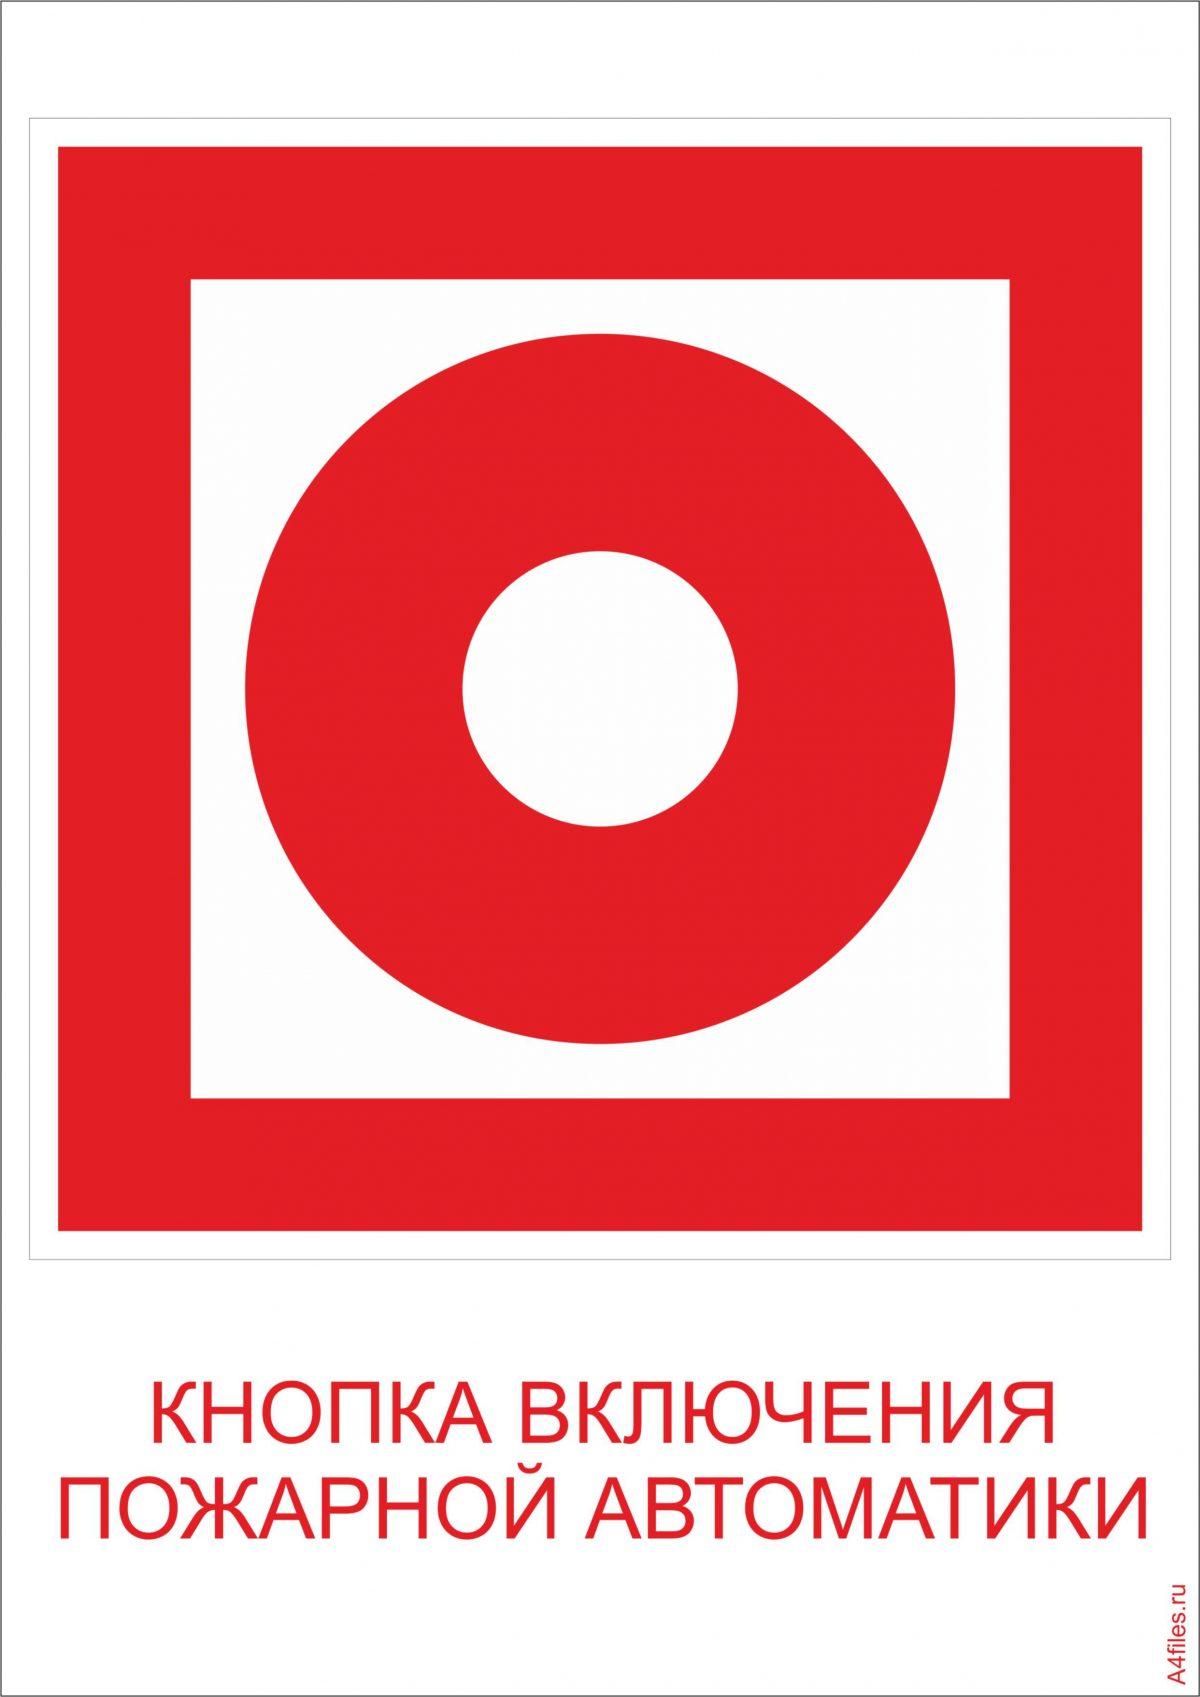 """Знак """"Кнопка включения пожарной автоматики"""" с названием знака"""